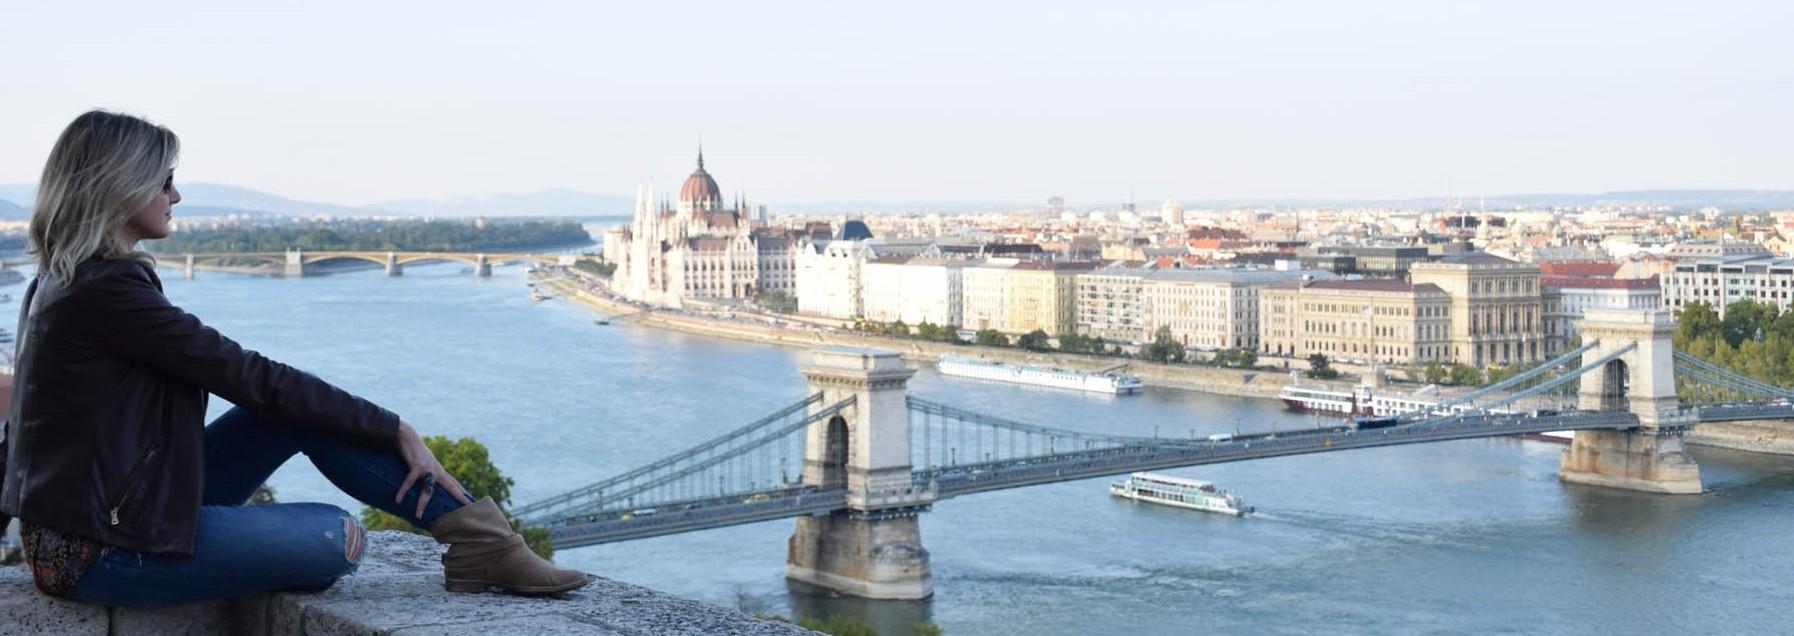 dicas de budapeste - castelo de budapeste - vista ponte - parlamento - lala rebelo